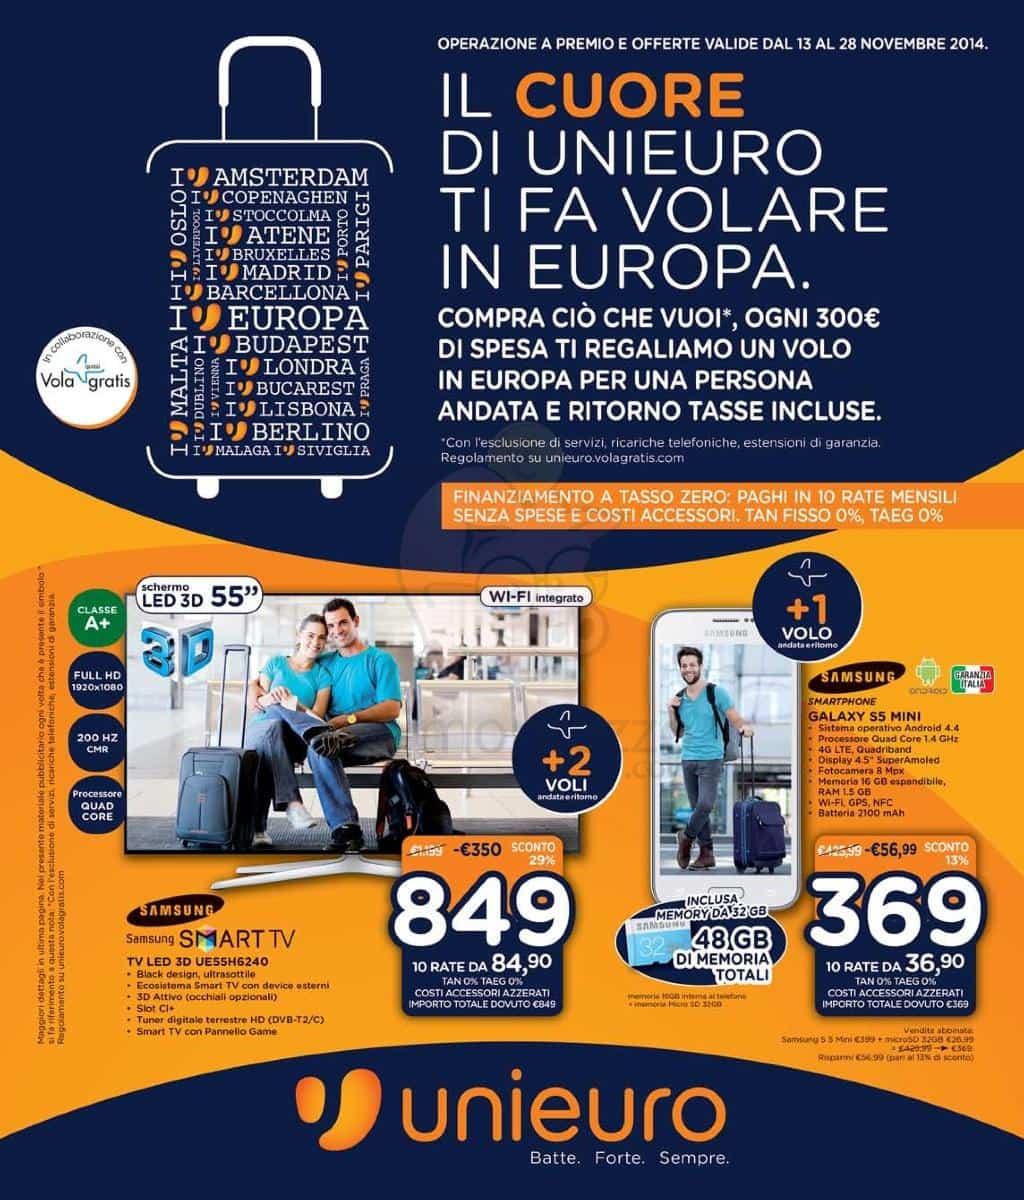 volantino unieuro per ogni 300 euro di spesa in regalo un